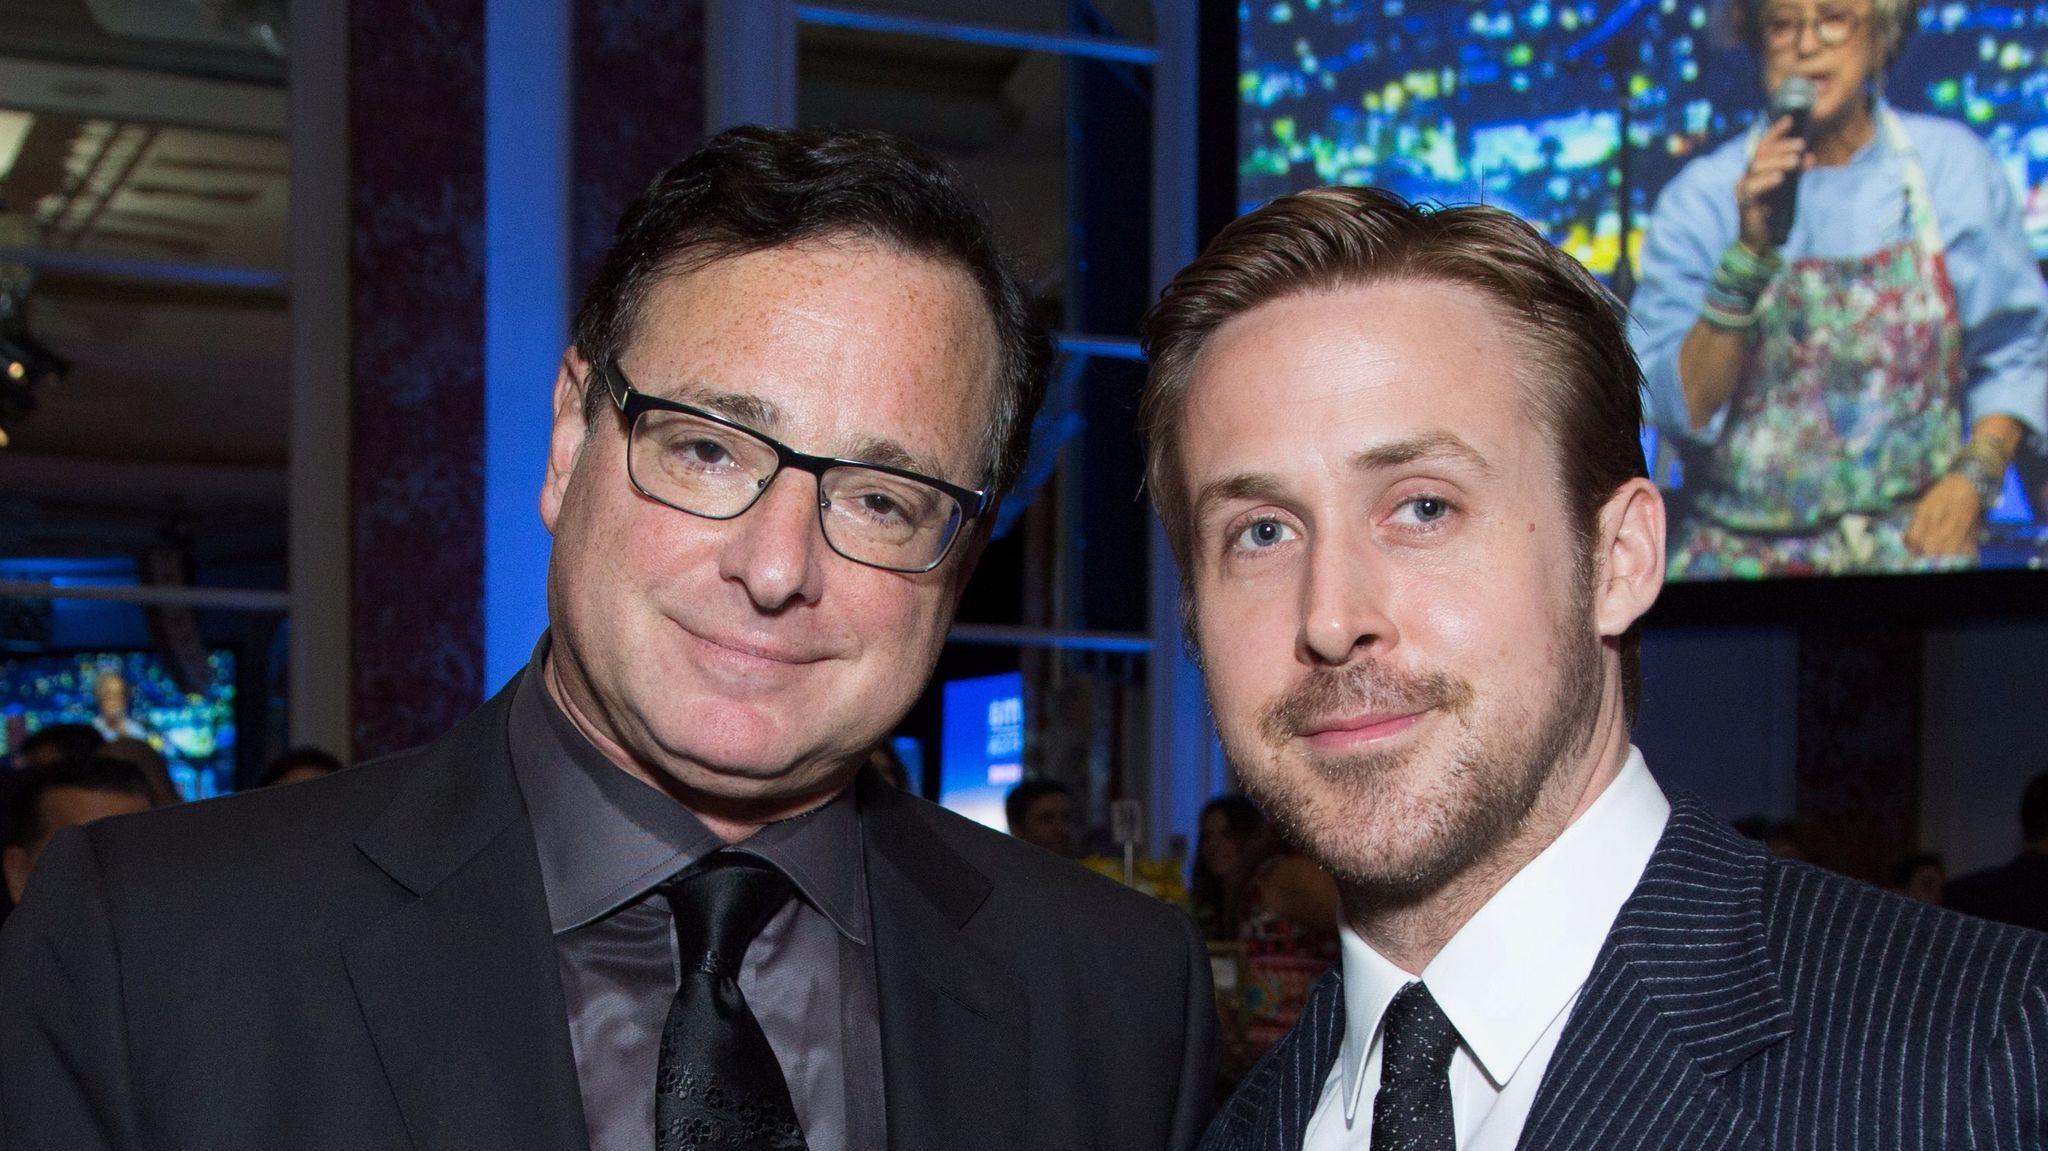 Bob Saget and Ryan Gosling.